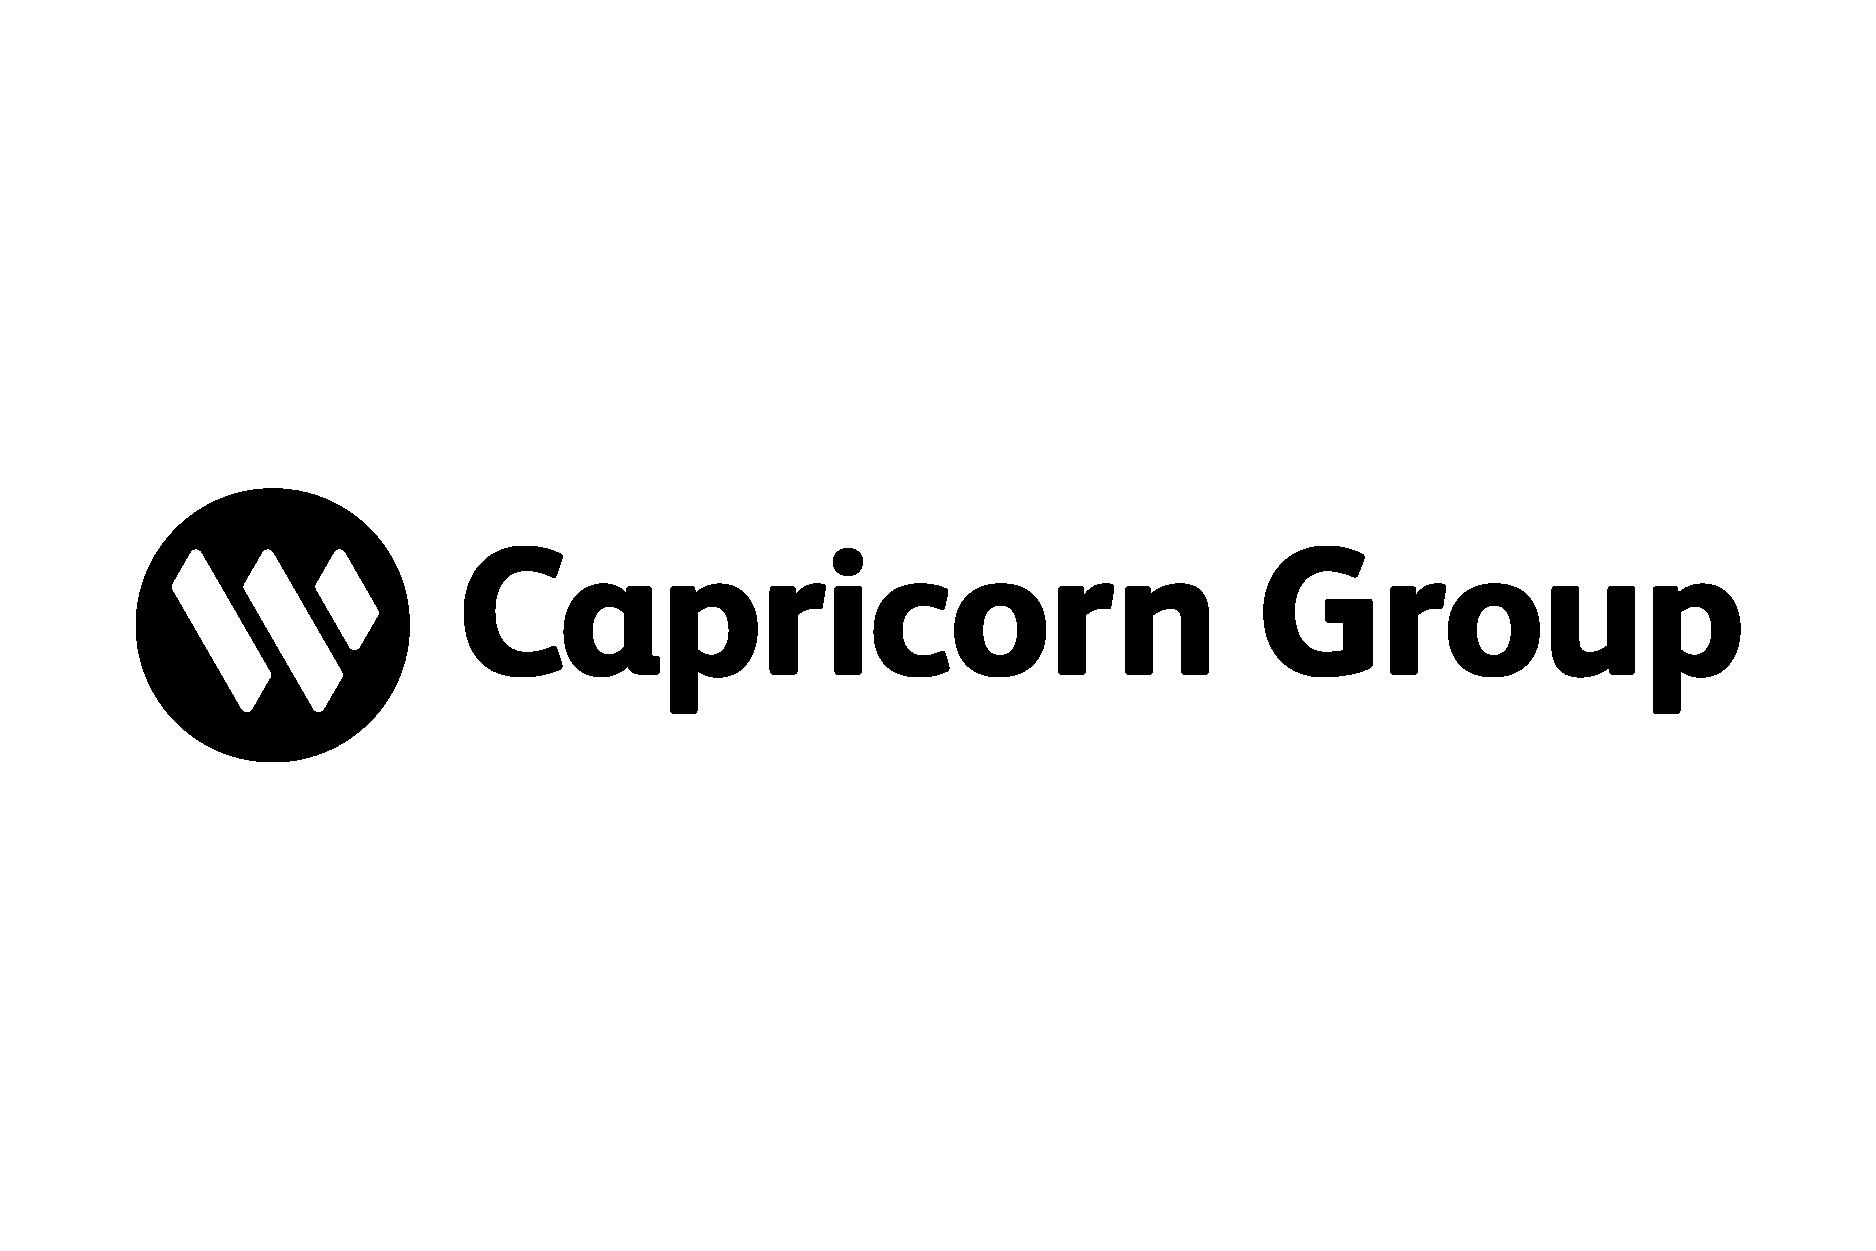 Capricorn Group